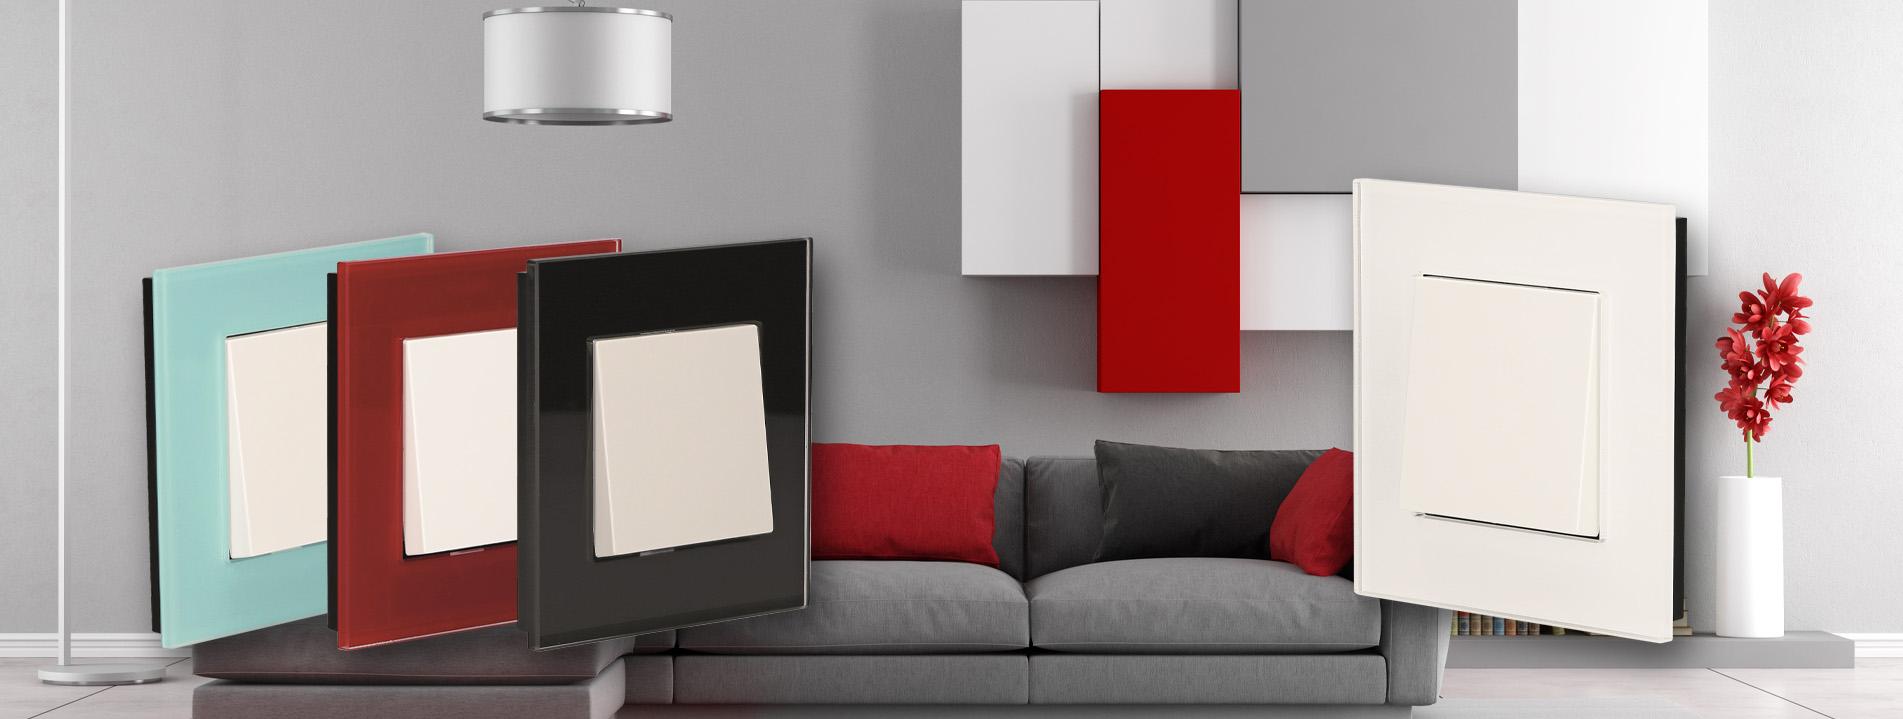 Das Leben ist voller Farben.  Die Acrylglasrahmen sind in vier verschiedenen Farben erhältlich und lassen sich mit den herkömmlichen Schaltereinsätzen und Abdeckungen hervorragend kombinieren.